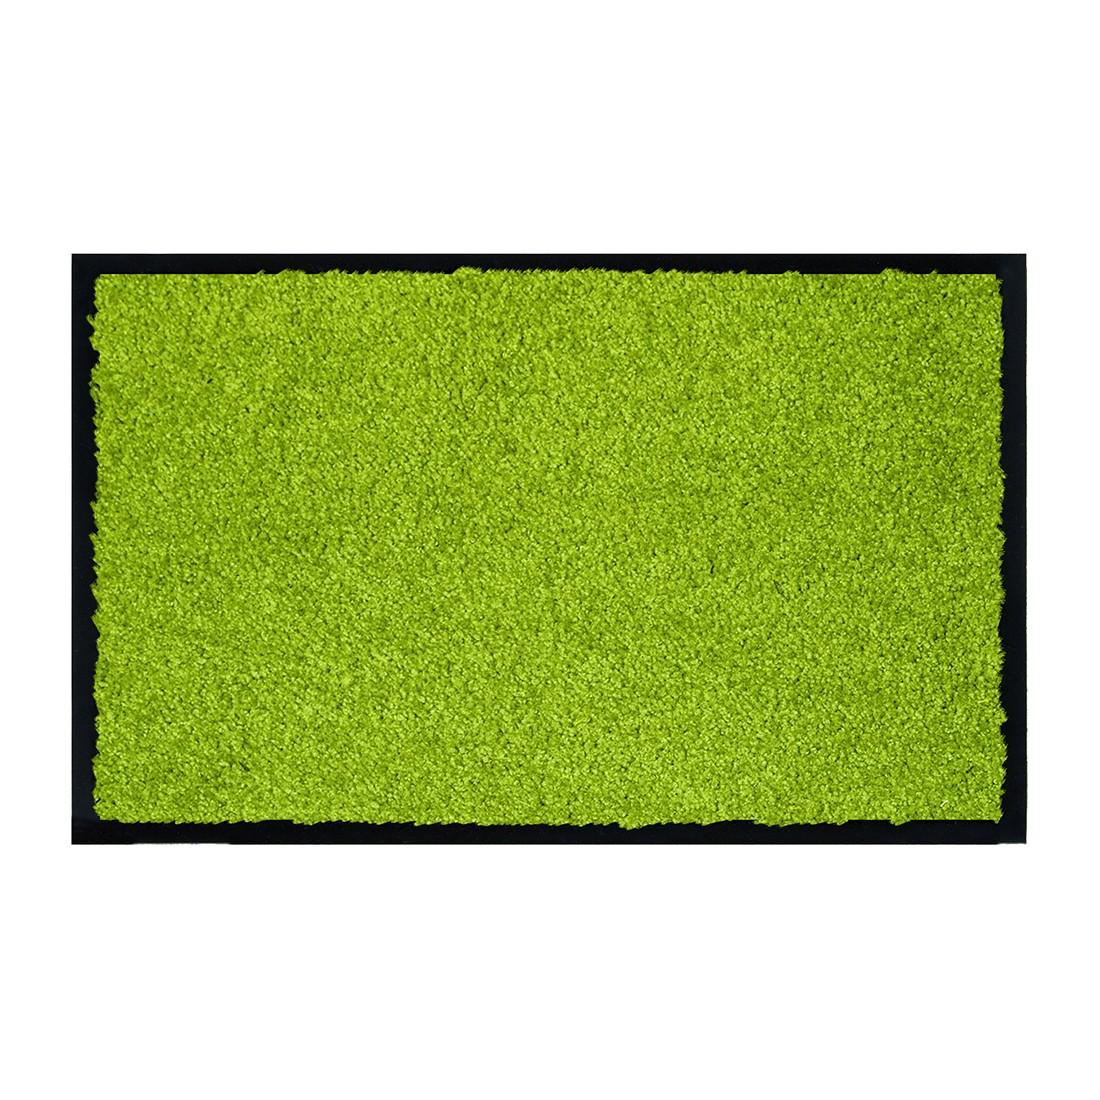 Fußmatte Proper Tex - Grün - 90 x 150 cm, Astra